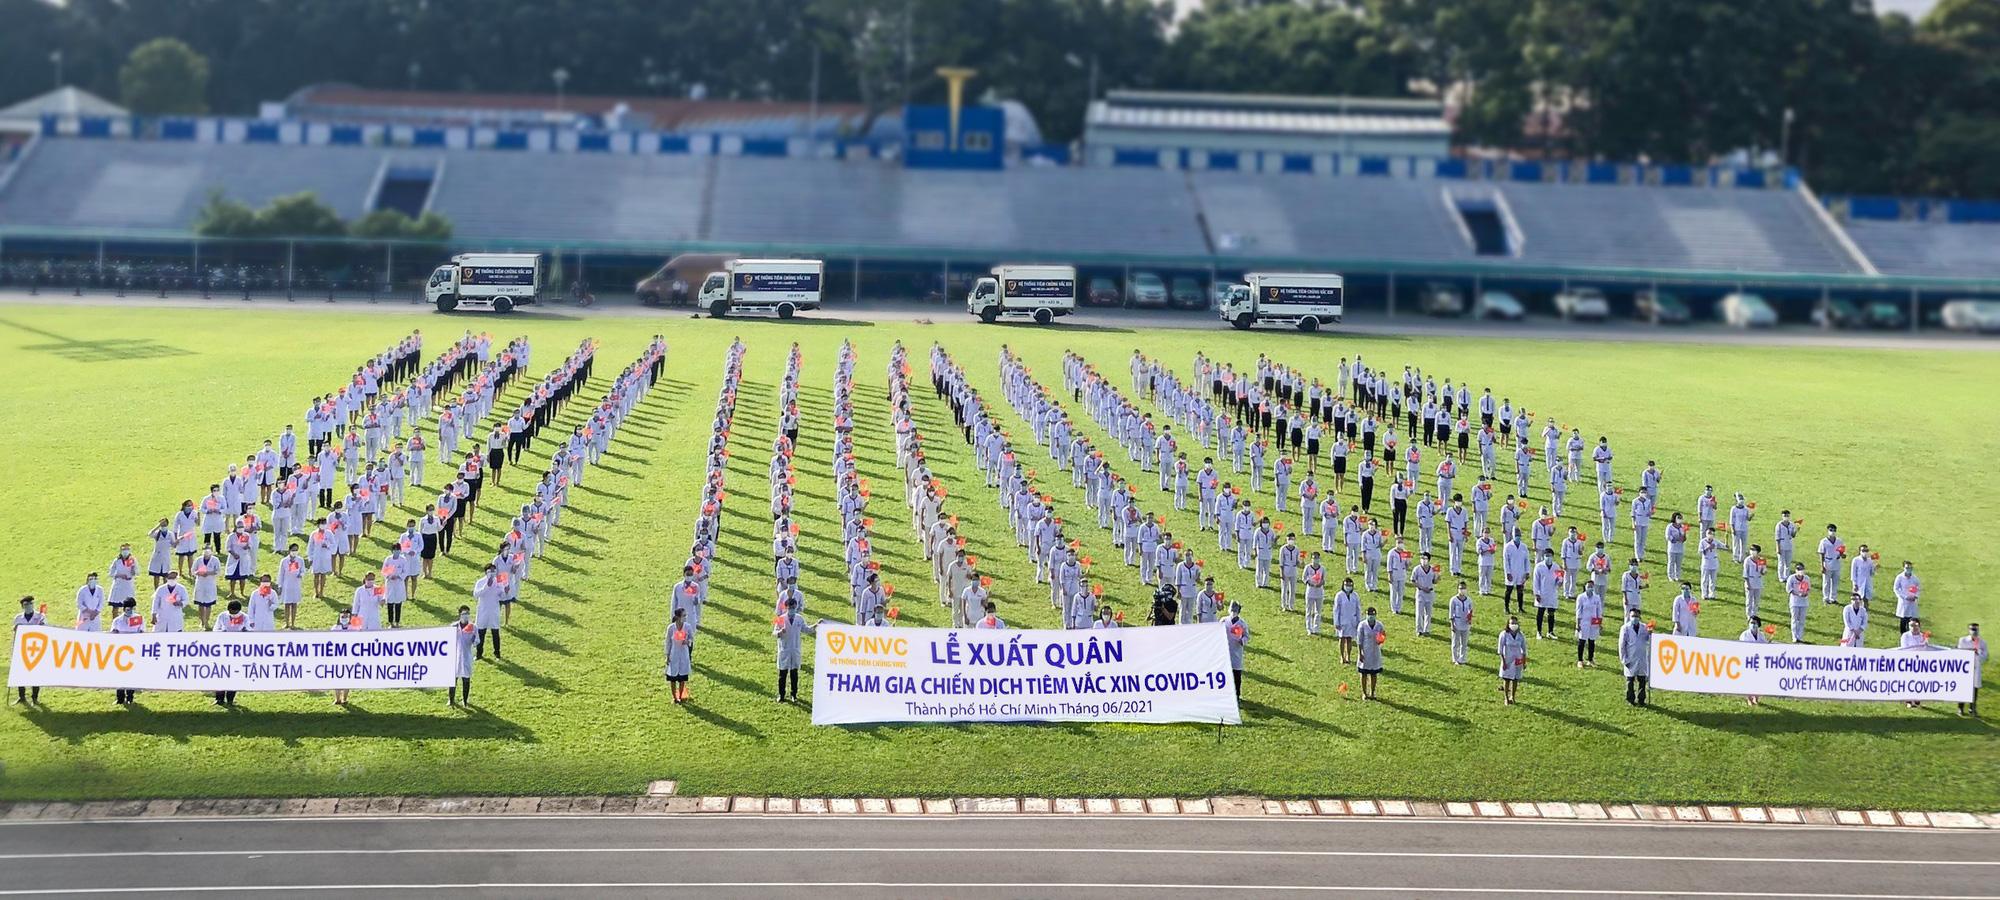 Diễn biến dịch ngày 20/6: Việt Nam ghi nhận 311 ca mắc mới  - Ảnh 10.